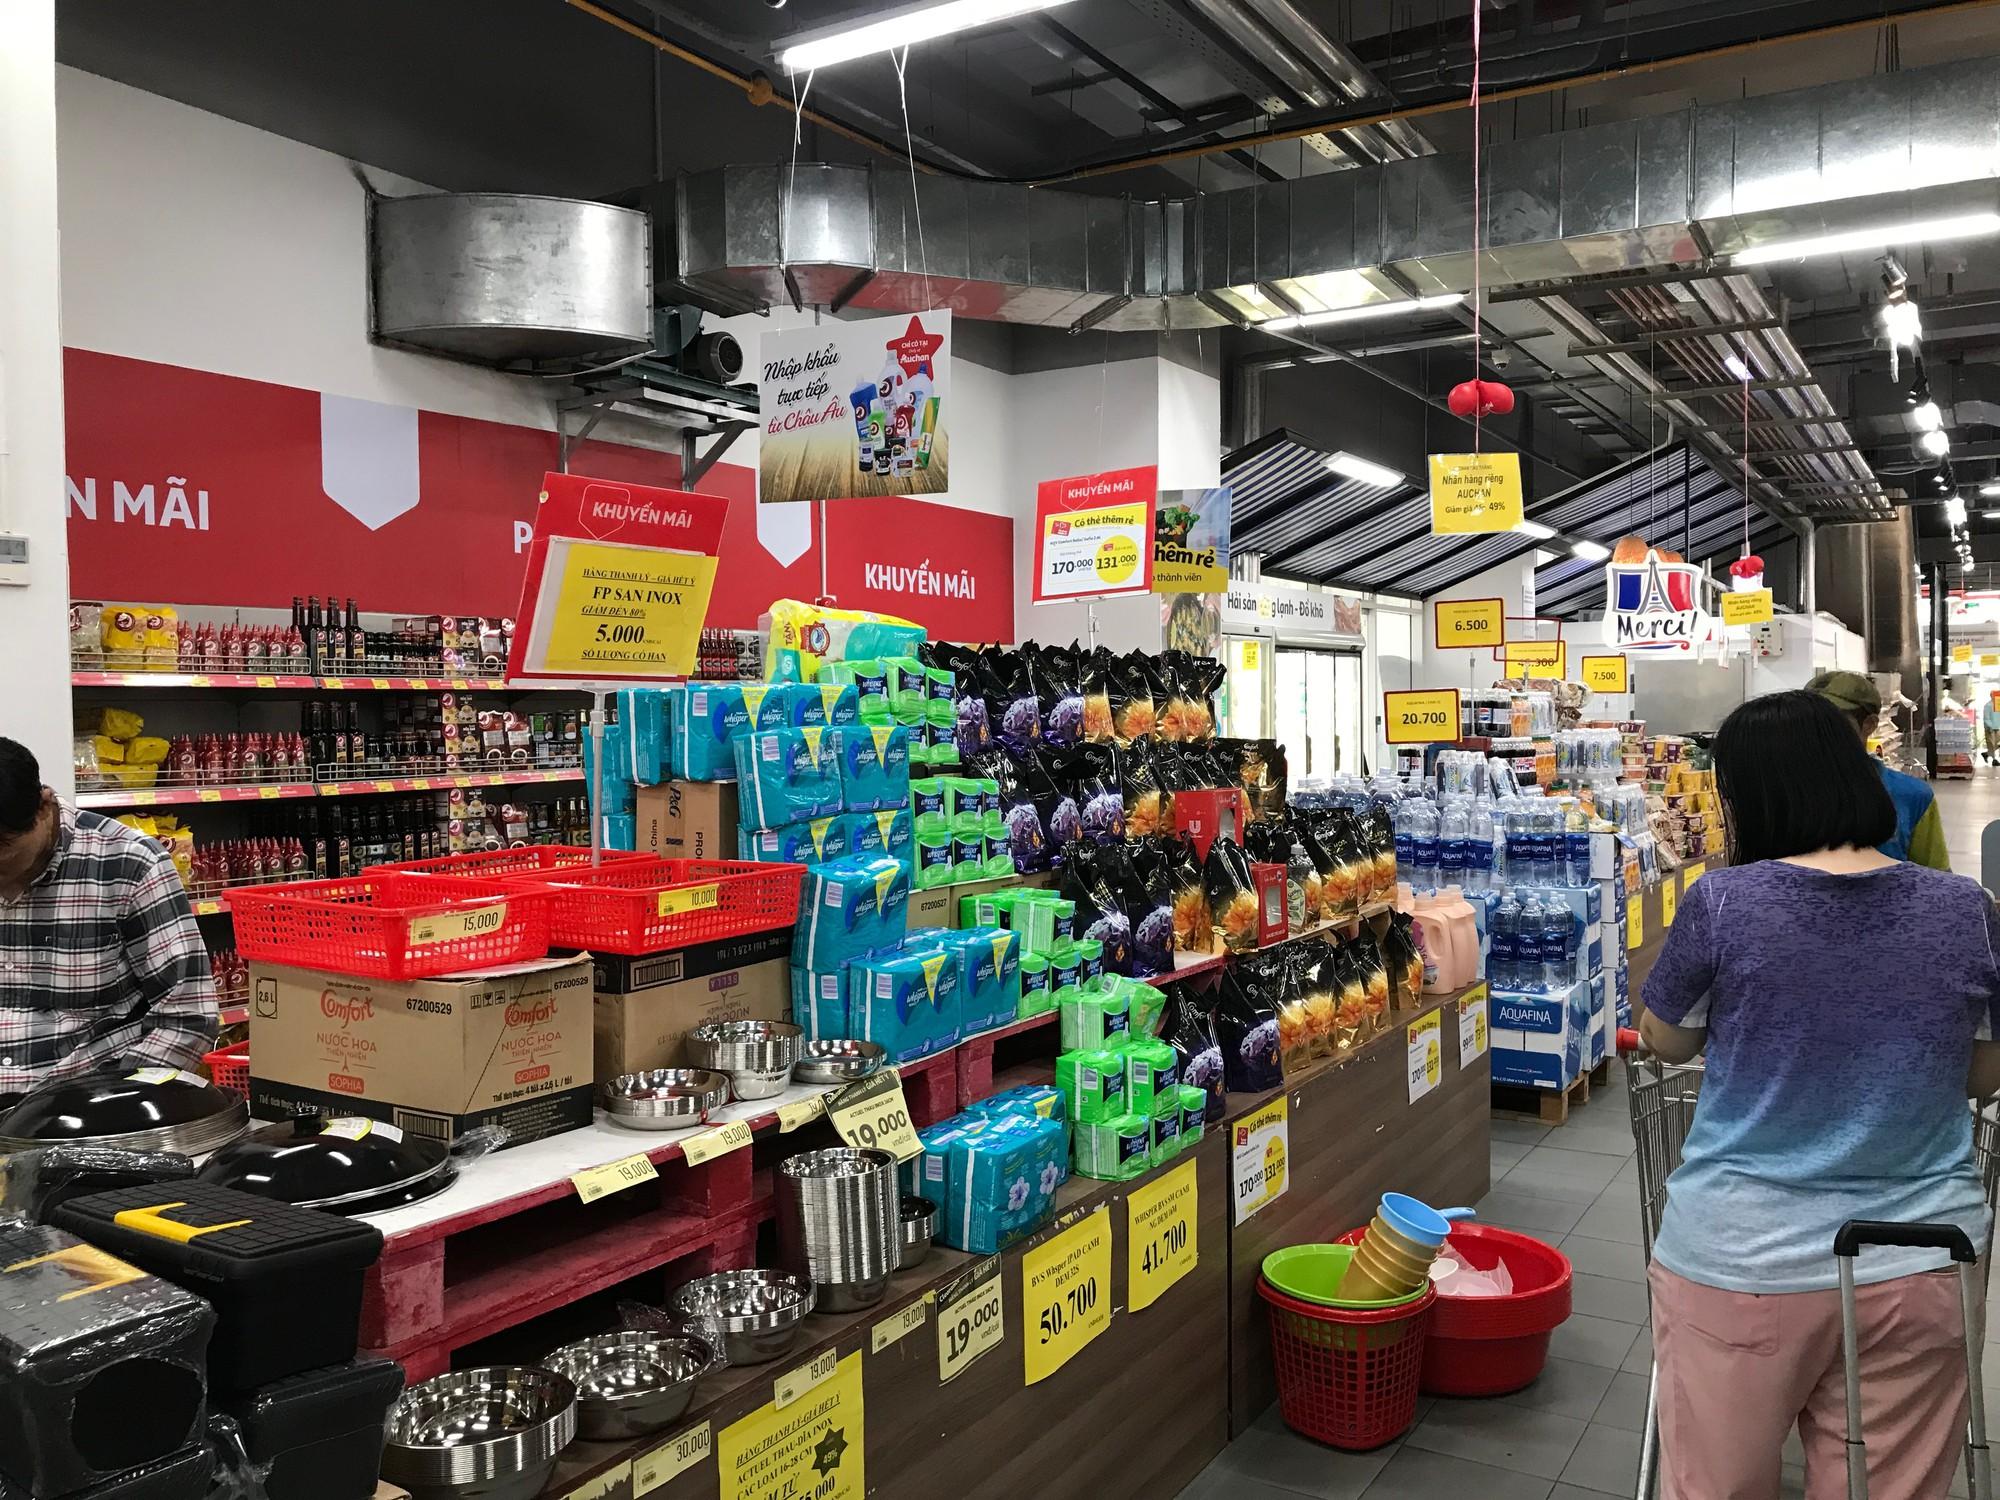 Siêu thị Auchan vắng vẻ sau tuyên bố rút khỏi Việt Nam, gấp rút xả hàng để đóng cửa đầu tháng 6 tới  - Ảnh 1.